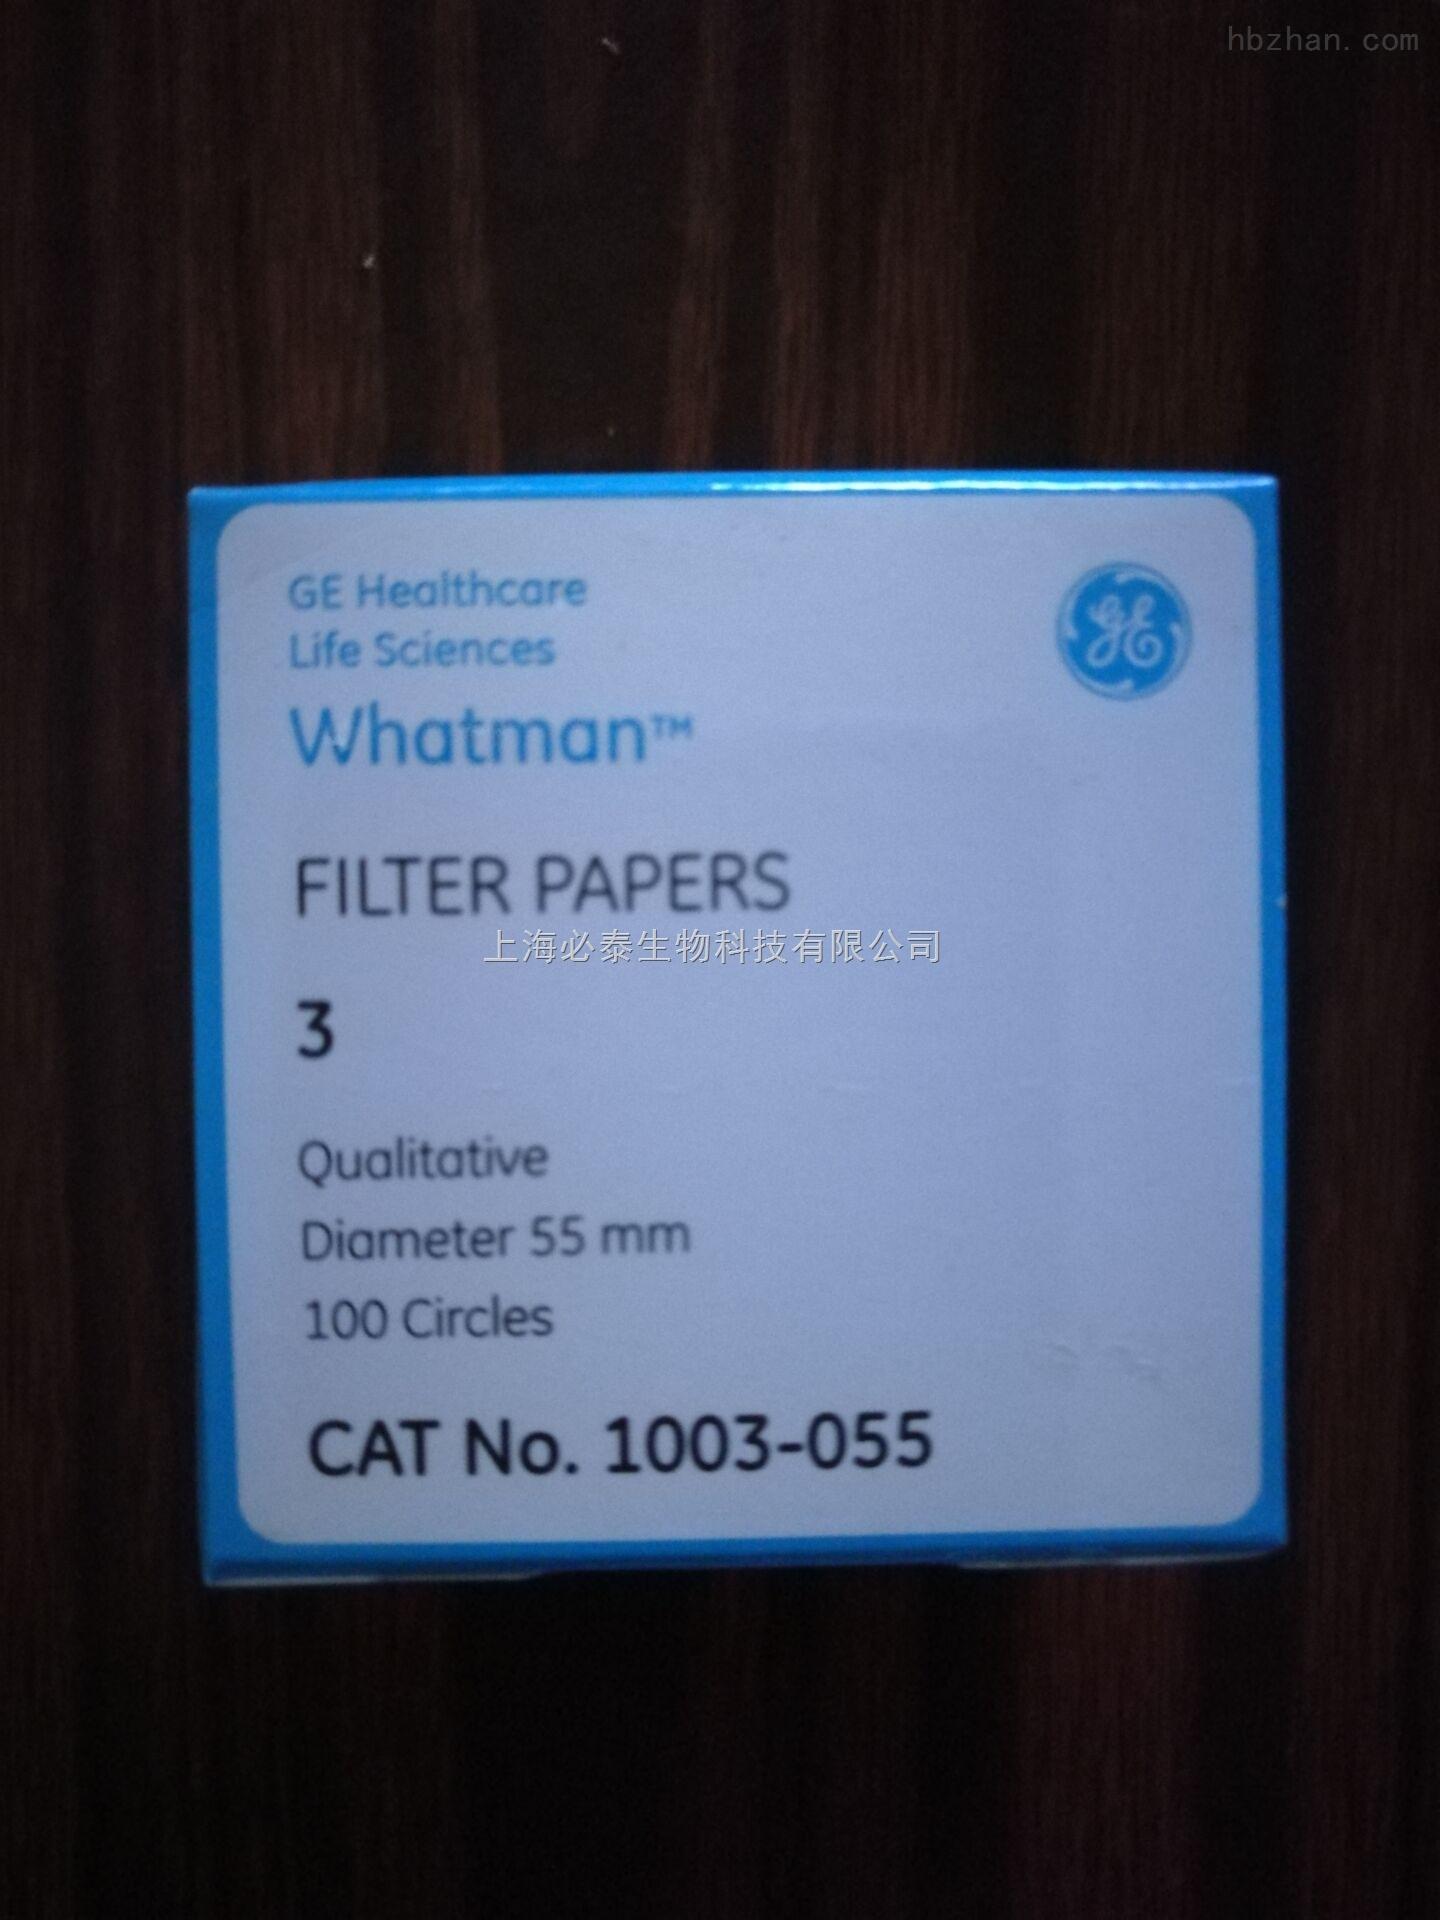 Whatman 沃特曼 定性滤纸 Grade 3